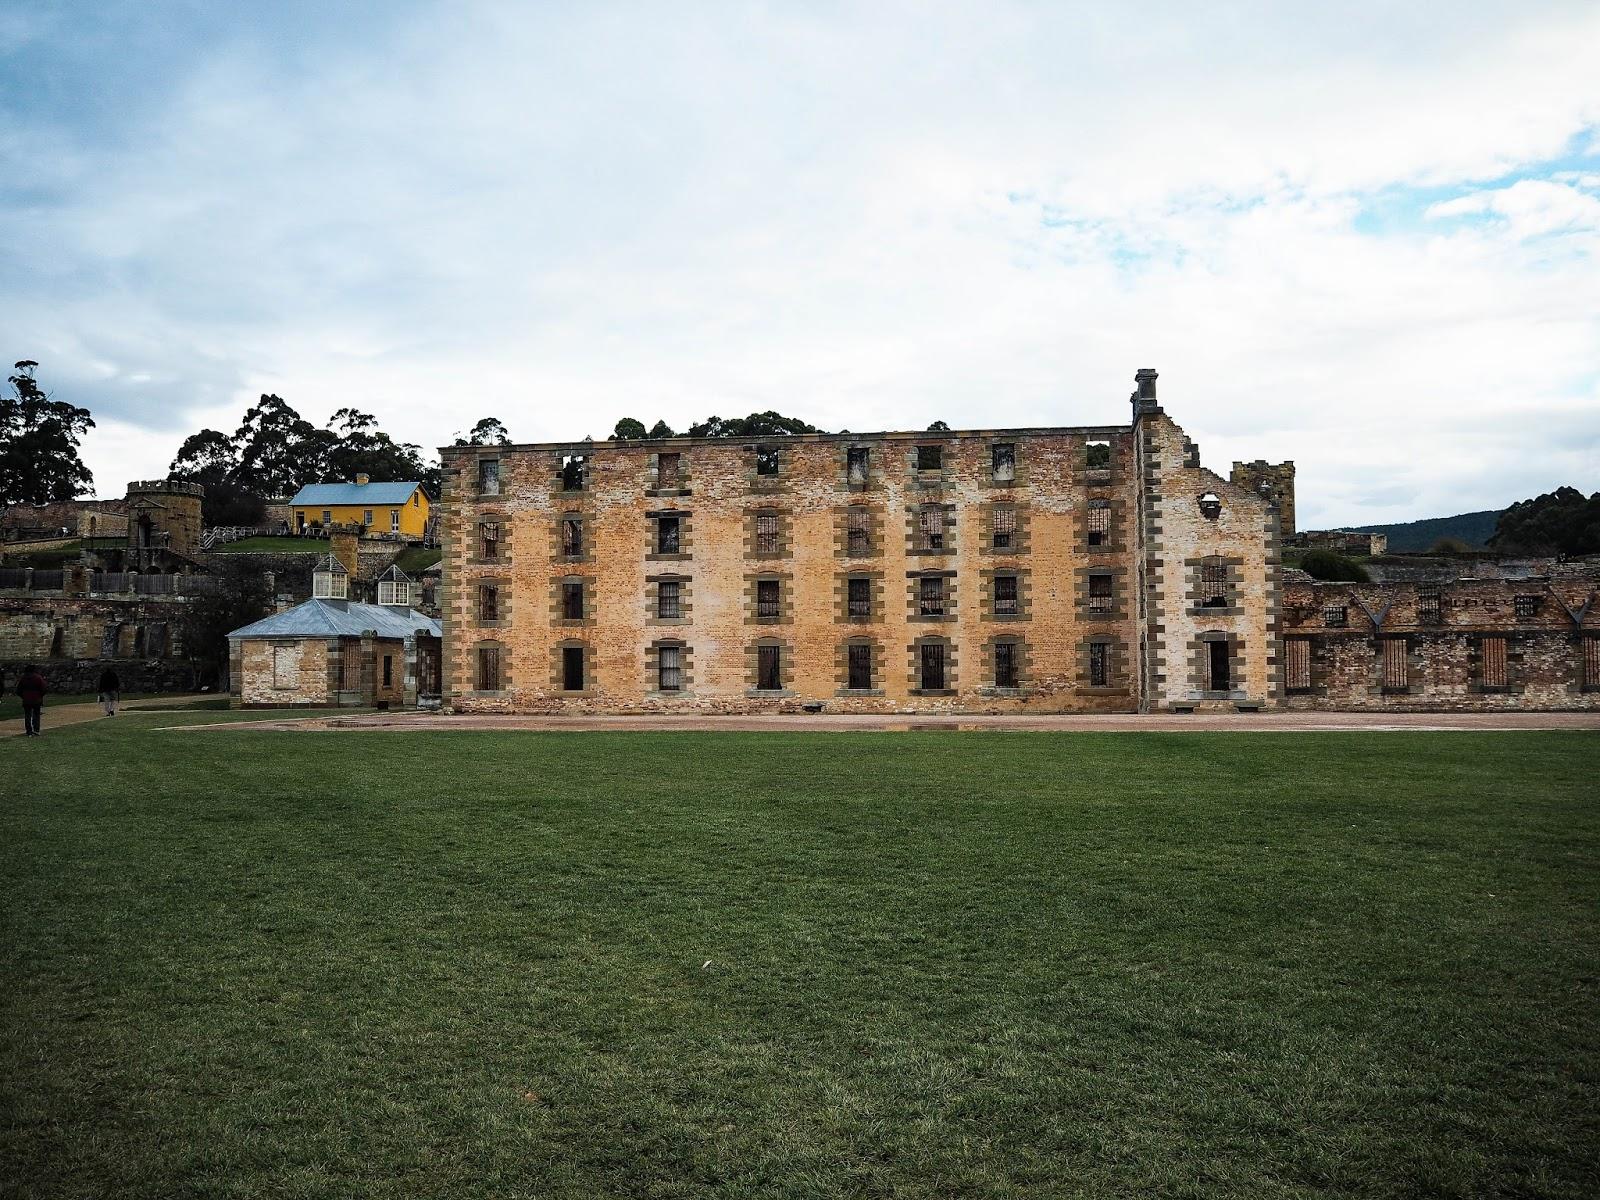 Port Arthur convict prison, Tasmania